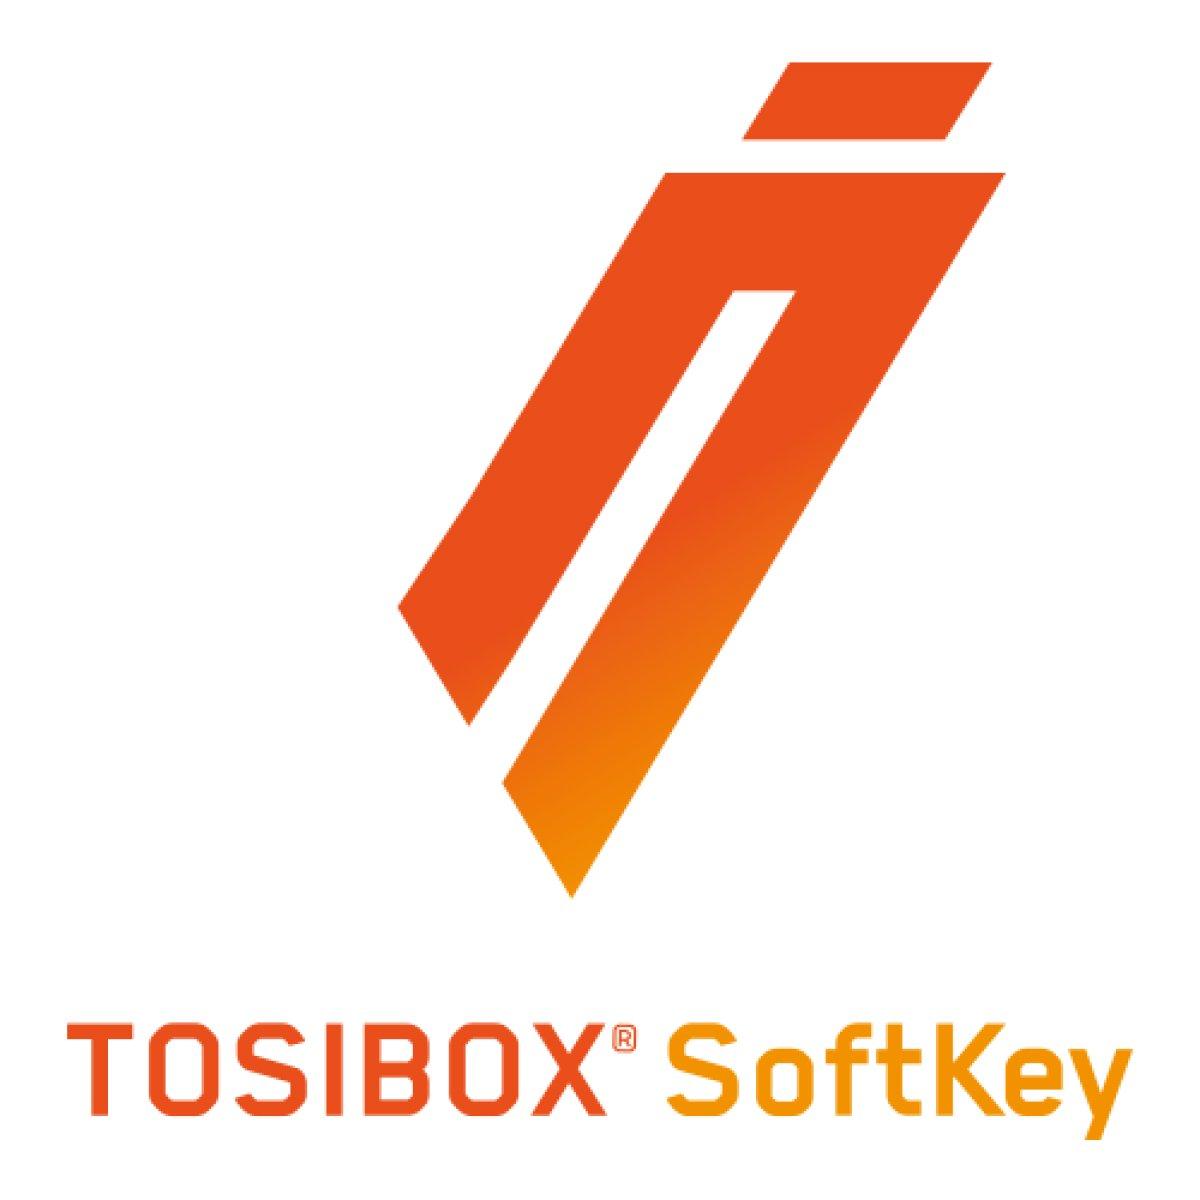 Tosibox SoftKey licencja - zdalny dostęp do maszyn i sieci przemysłowej